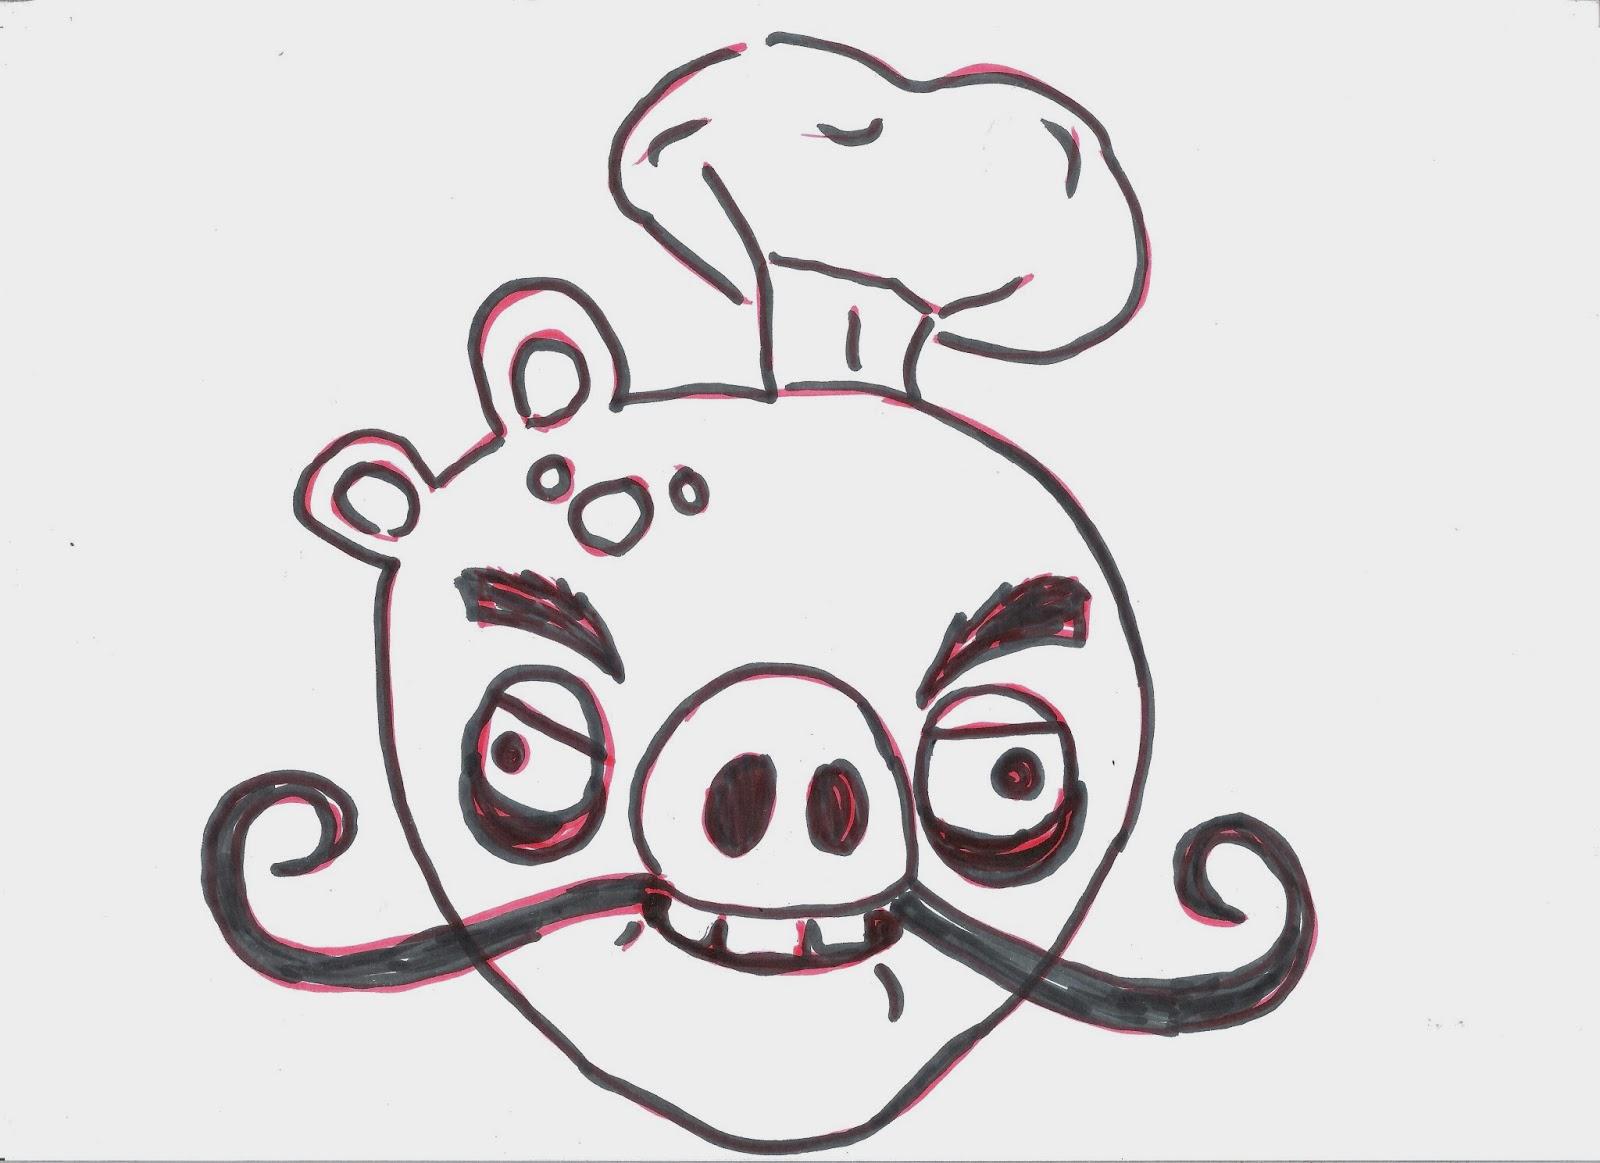 Desenhos Para Pintar Angry Birds: Desenho Para Pintar: Andry Brids Moldes Risco Pintura Em